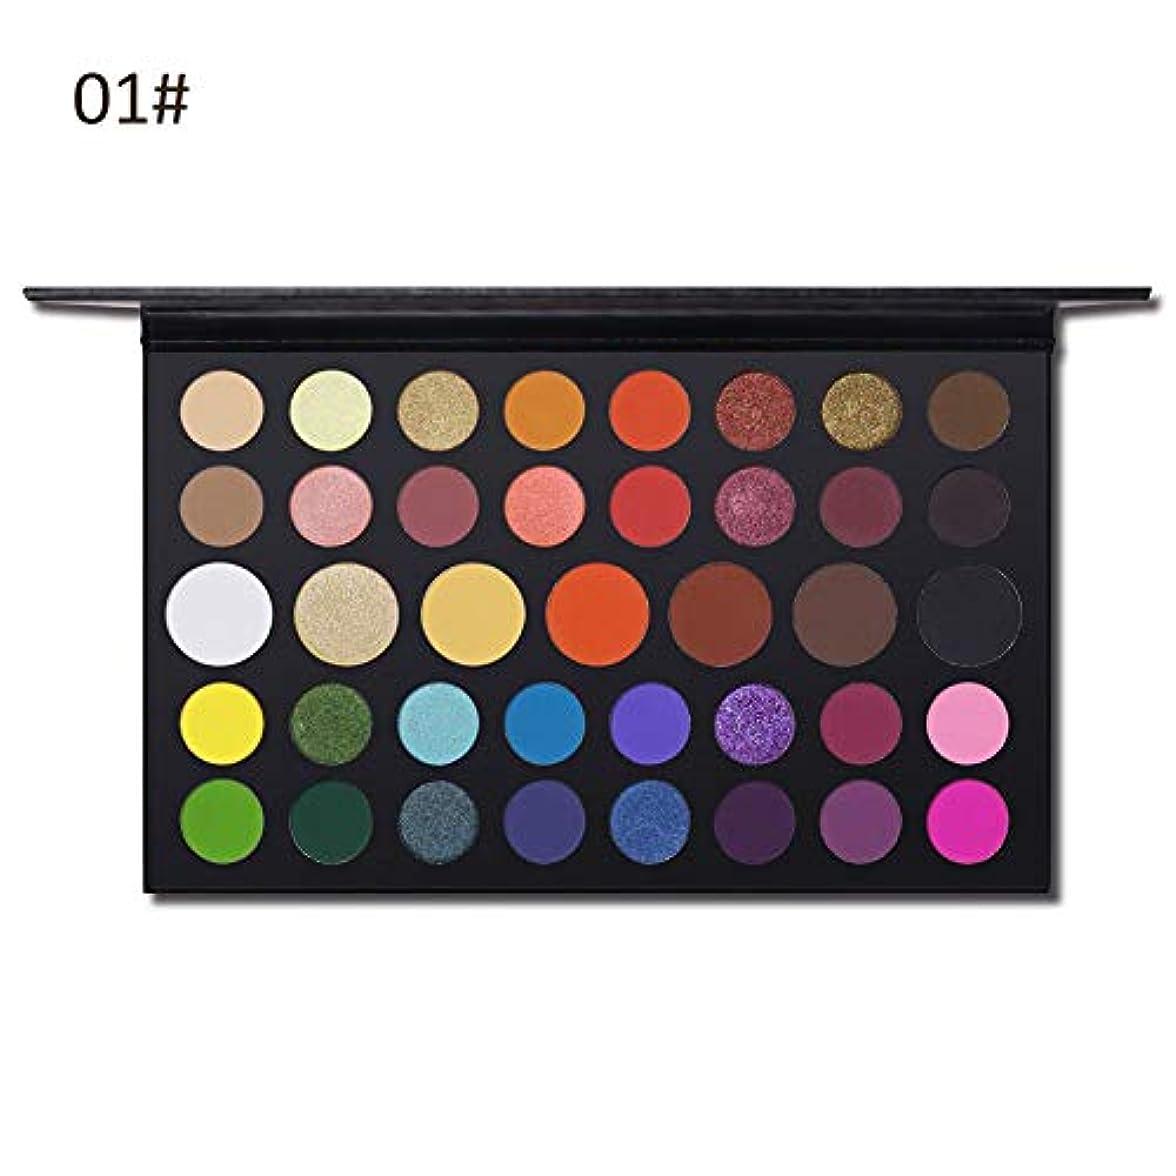 本質的に誠実さデータベースBrill(ブリーオ)最高のプロアイシャドウマットパレットメイクアイシャドウプロフェッショナル完璧なヌードウォームナチュラルニュートラルスモーキーパレットアイメイクアップシルキーパウダー化粧品39色